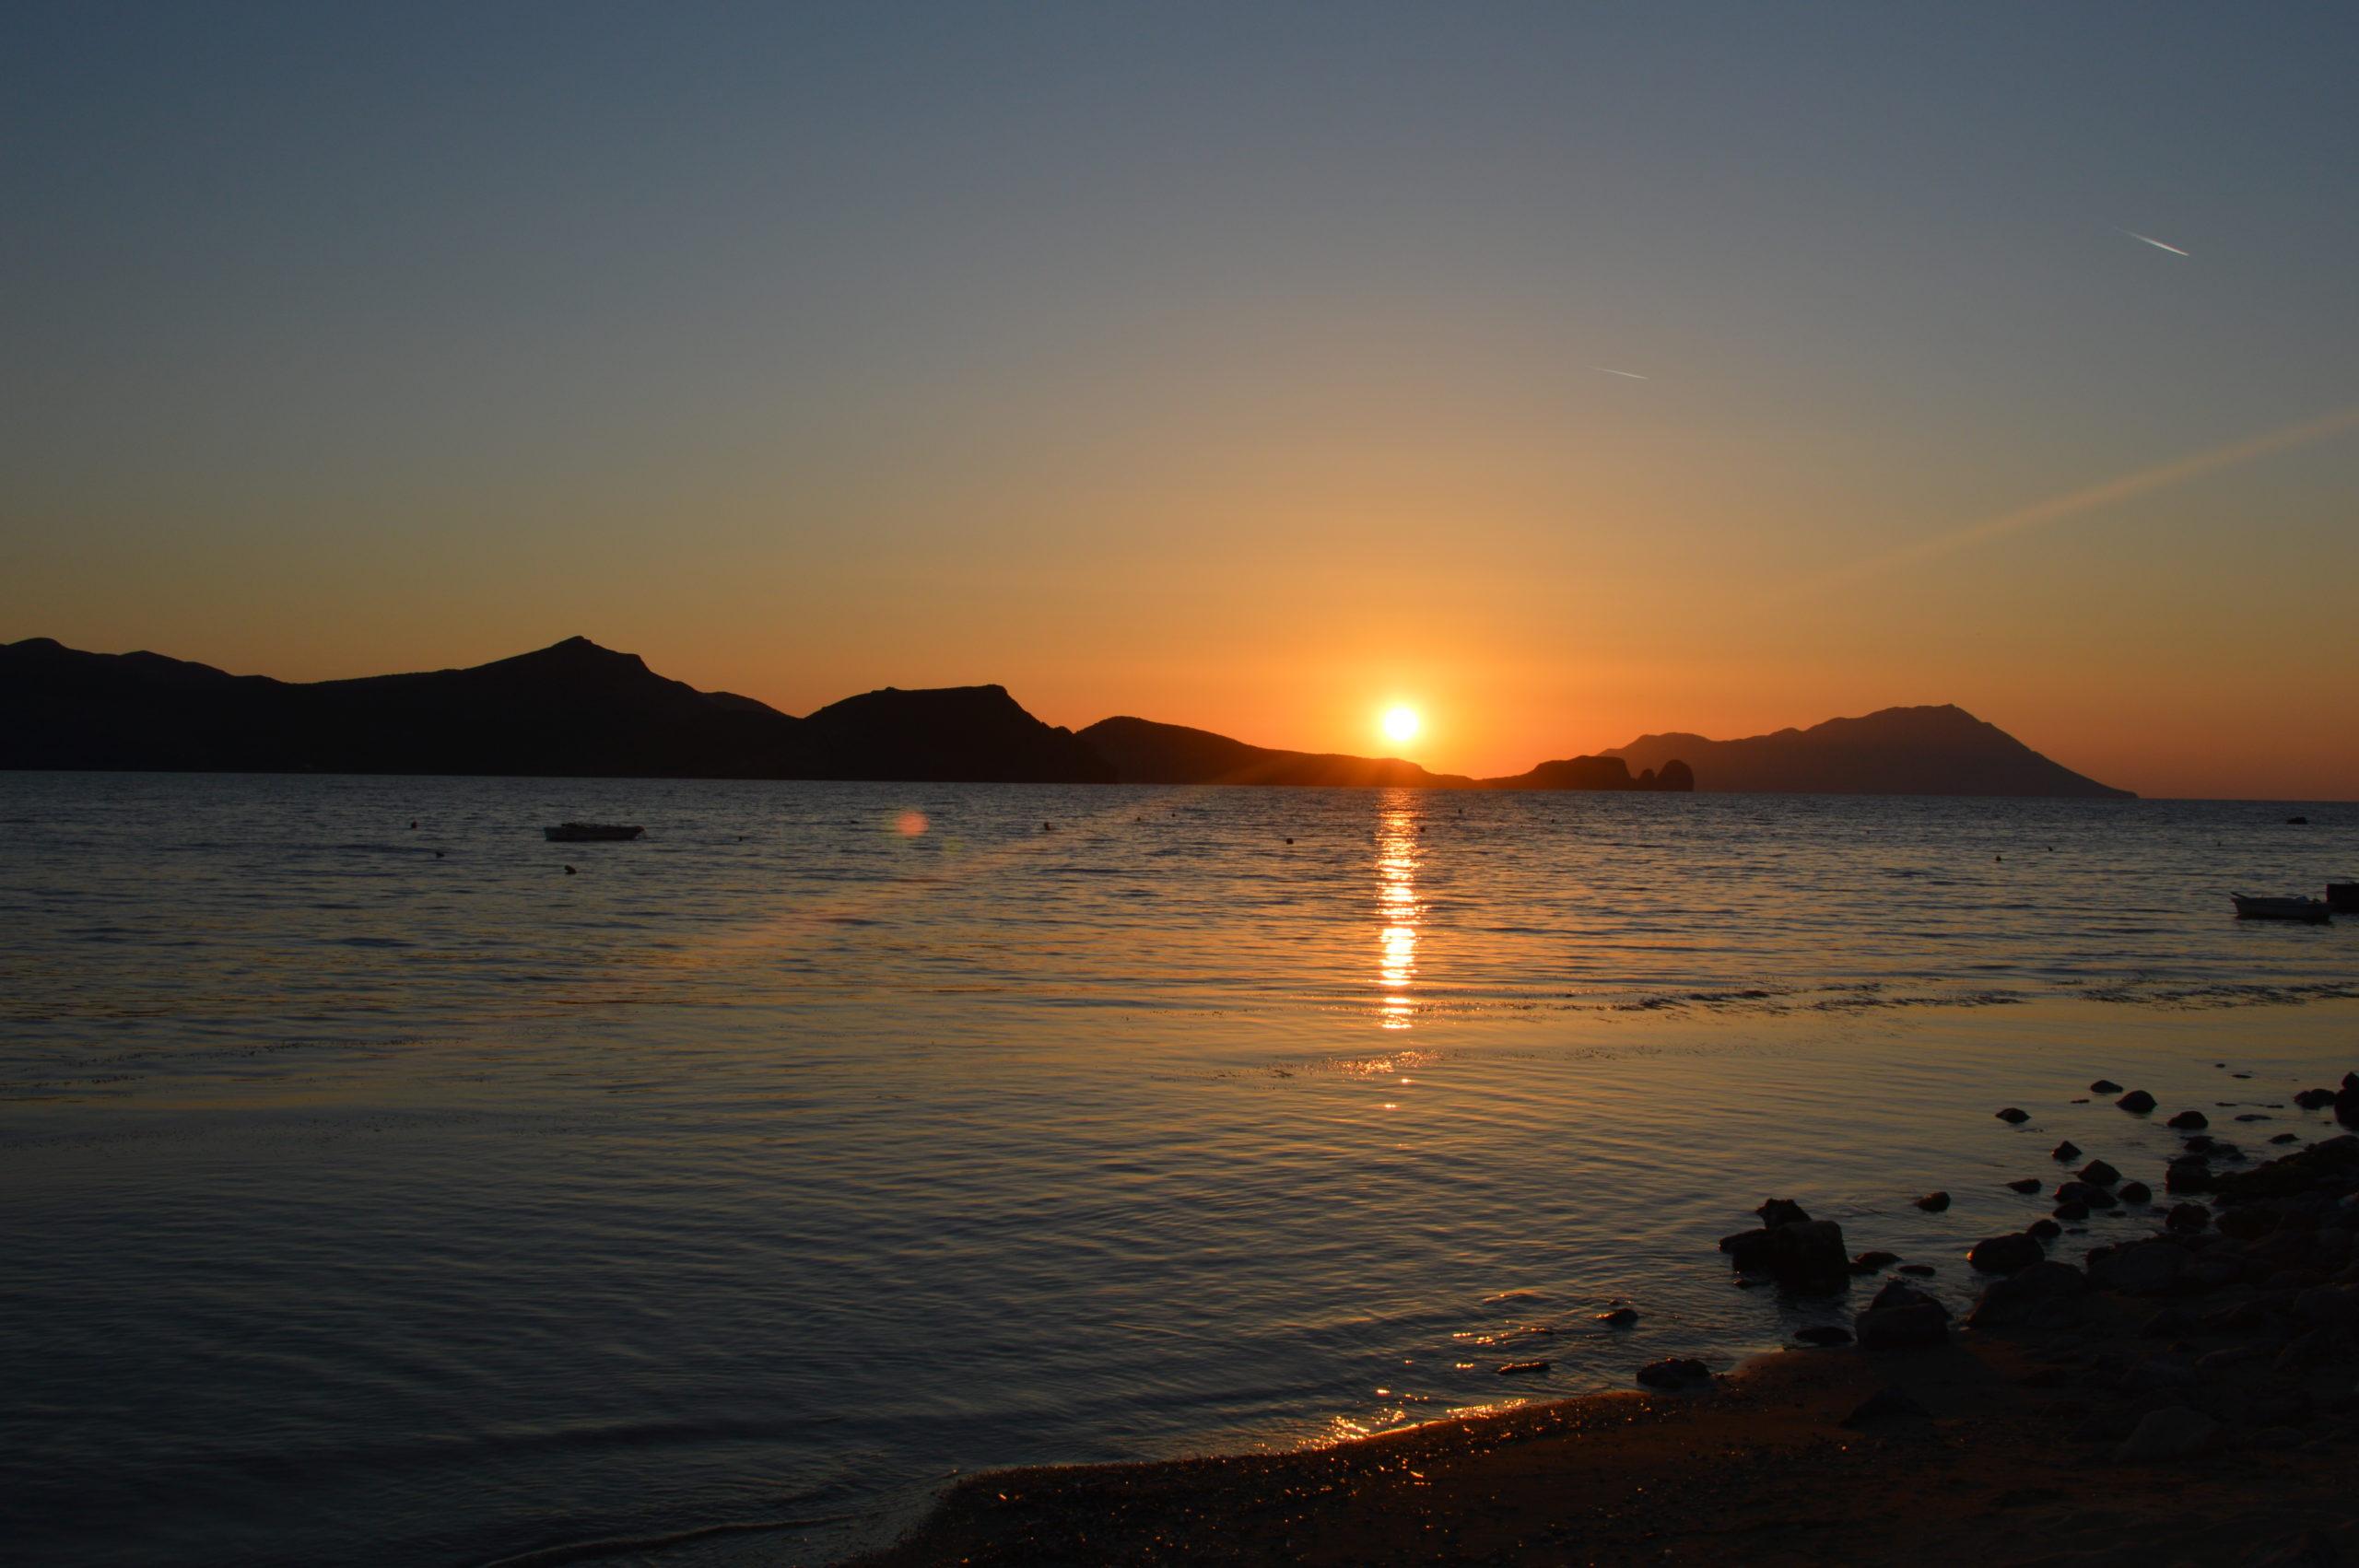 coucher de soleil sur l'île de Milos îles Cyclades Grèce